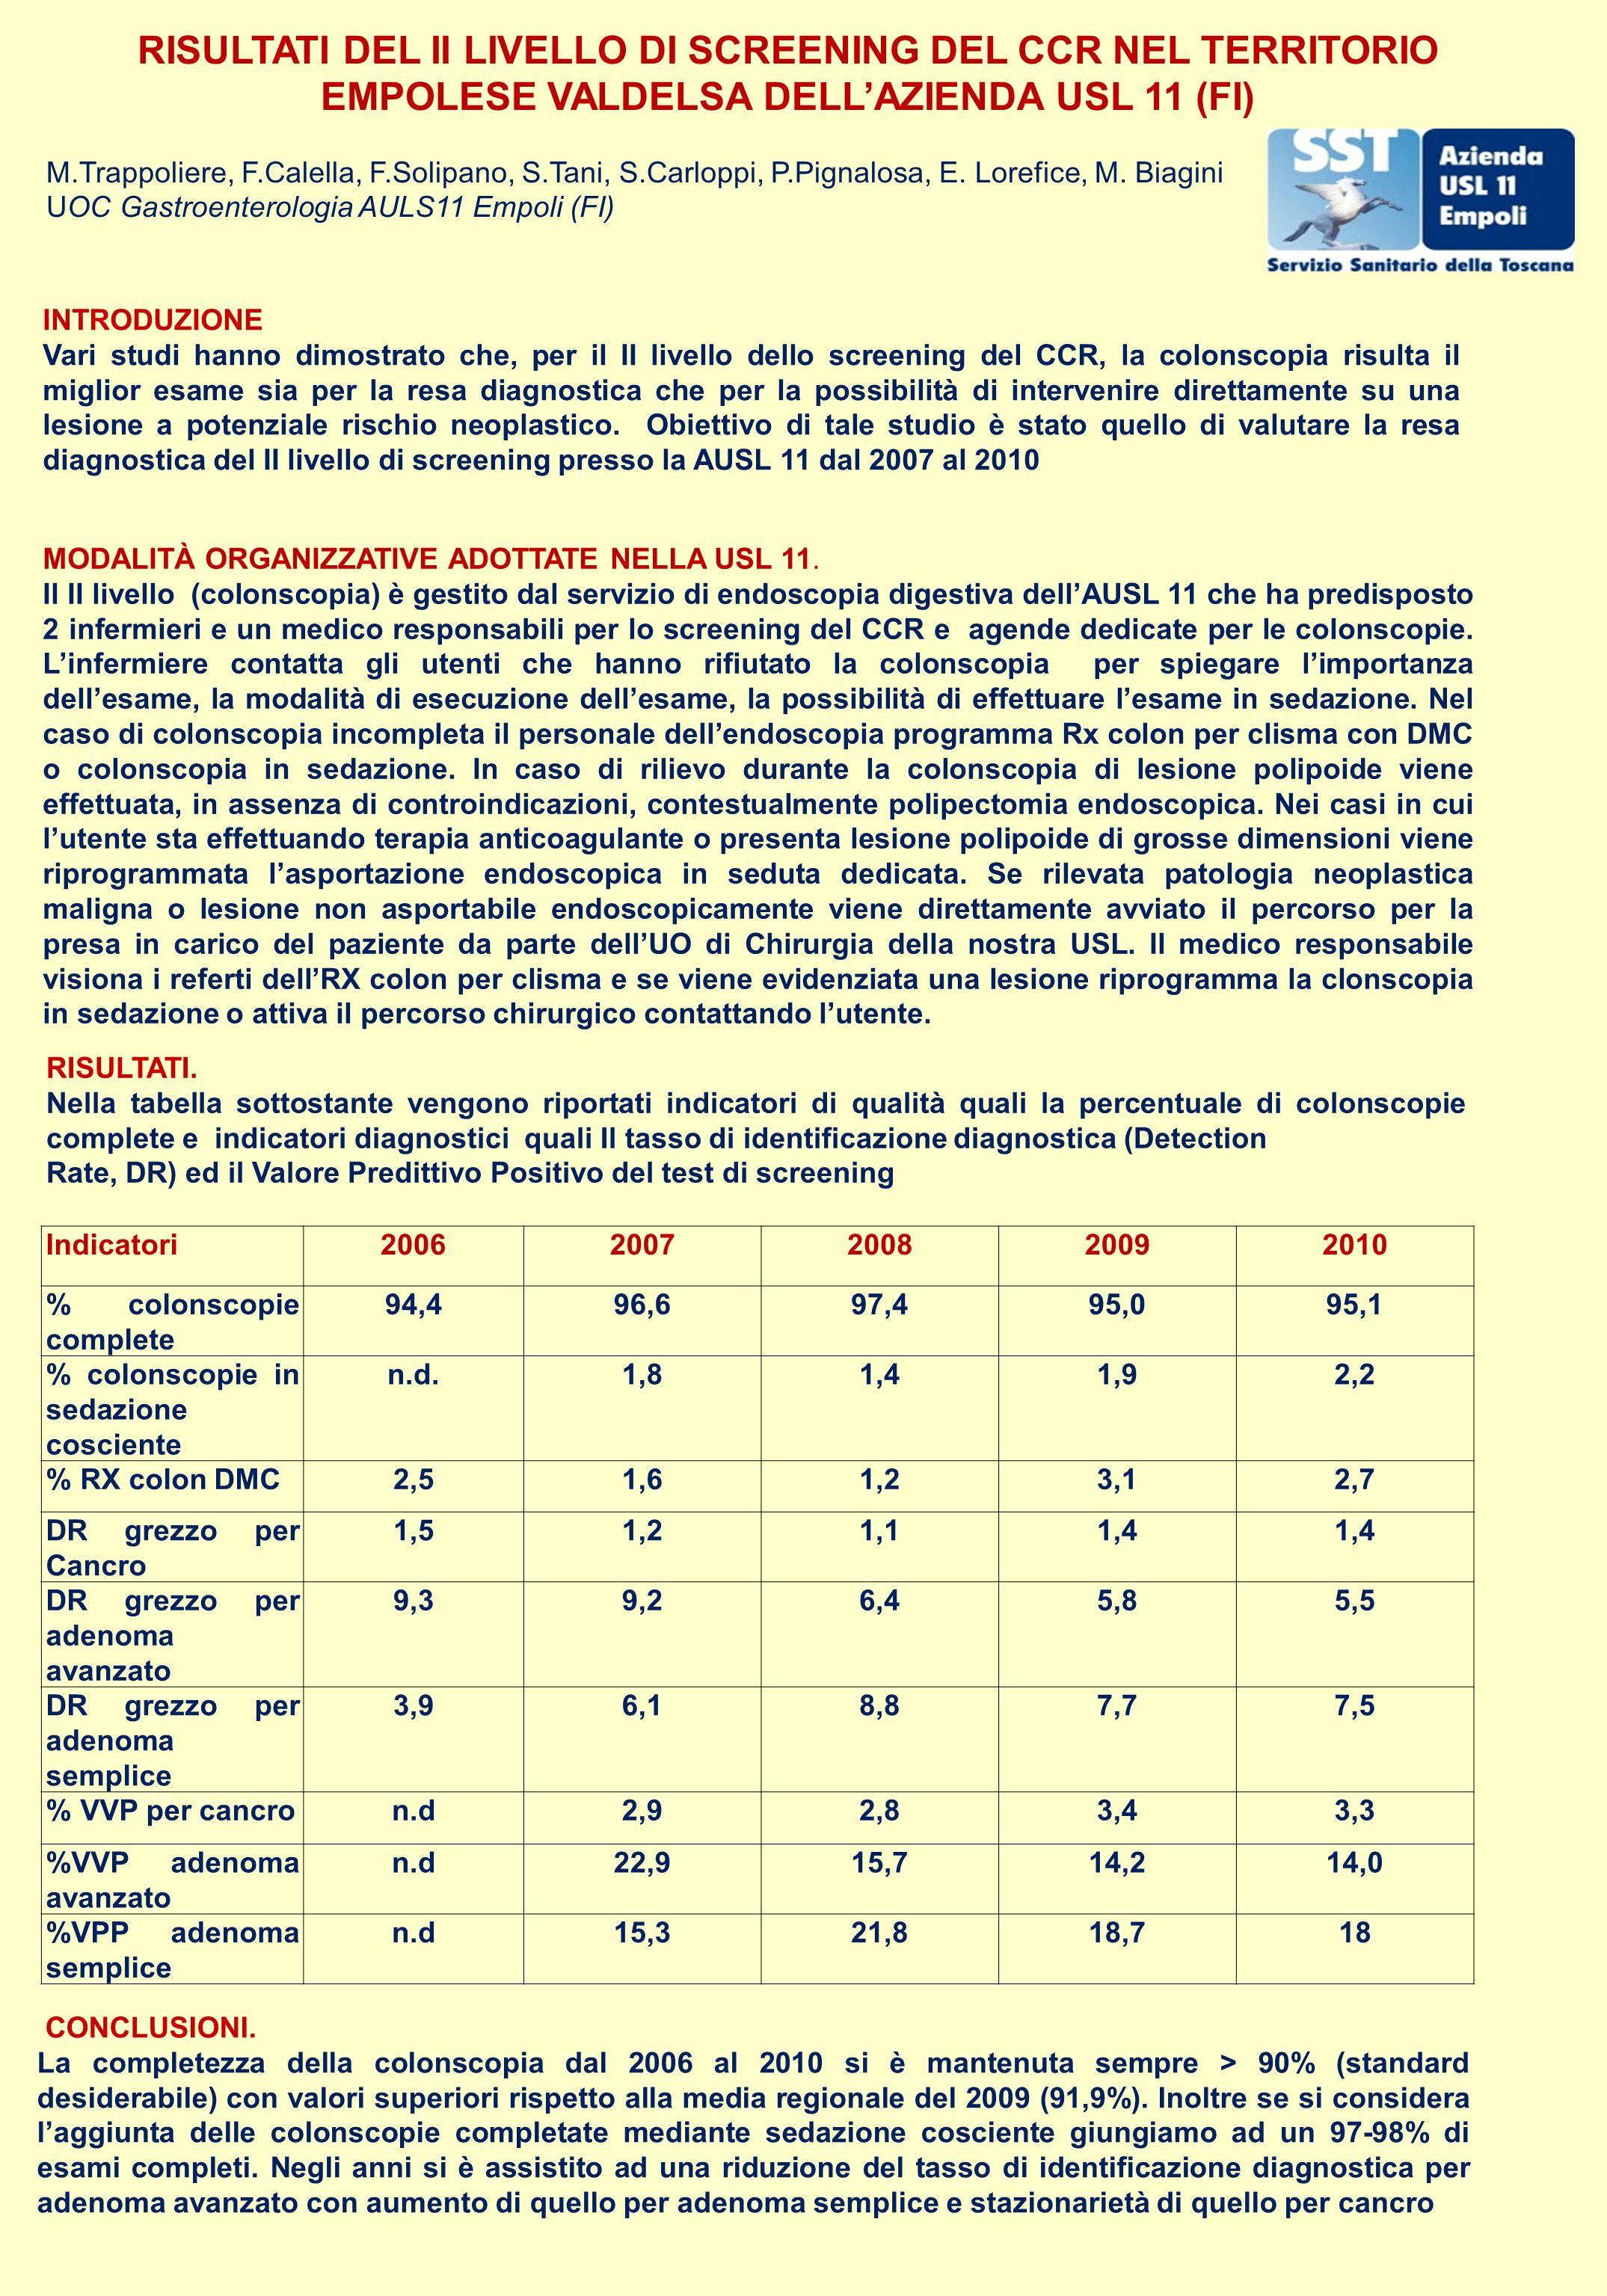 RISULTATI DEL II LIVELLO DI SCREENING DEL CCR NEL TERRITORIO EMPOLESE VALDELSA DELLAZIENDA USL 11 (FI) M.Trappoliere, F.Calella, F.Solipano, S.Tani, S.Carloppi, P.Pignalosa, E.